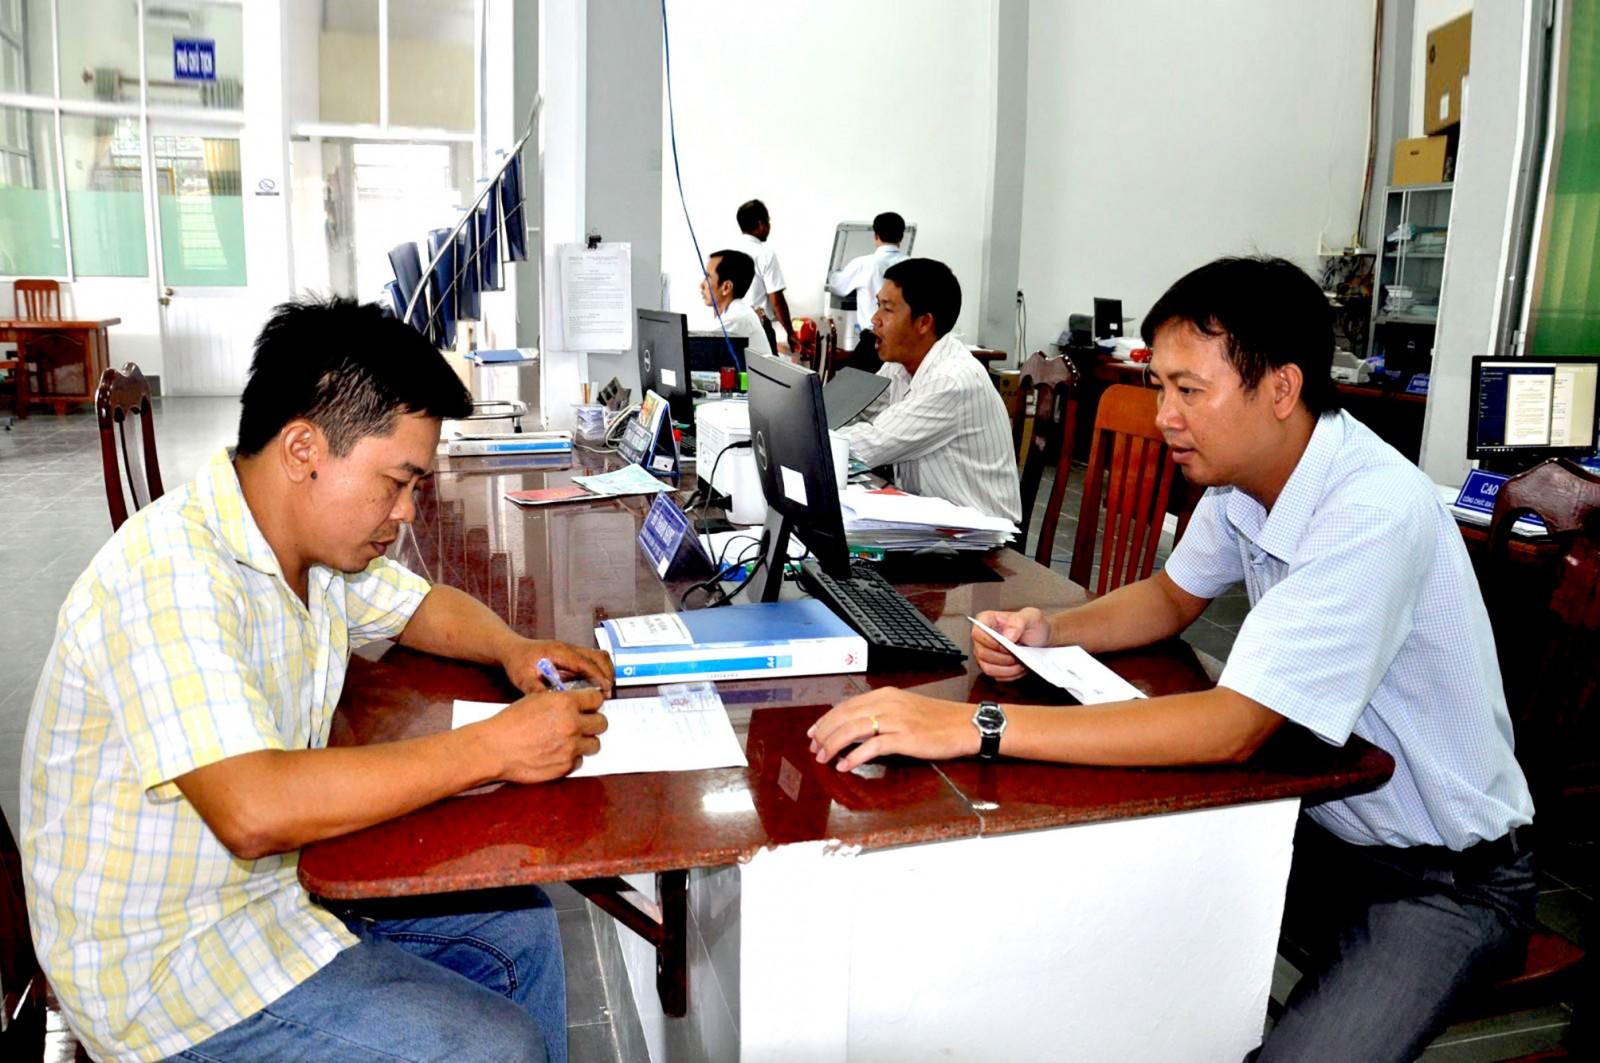 Cán bộ, công chức bộ phận một cửa phường Trường Lạc nâng cao ý thức phục vụ, tạo sự hài lòng cho người dân. Ảnh: ANH DŨNG